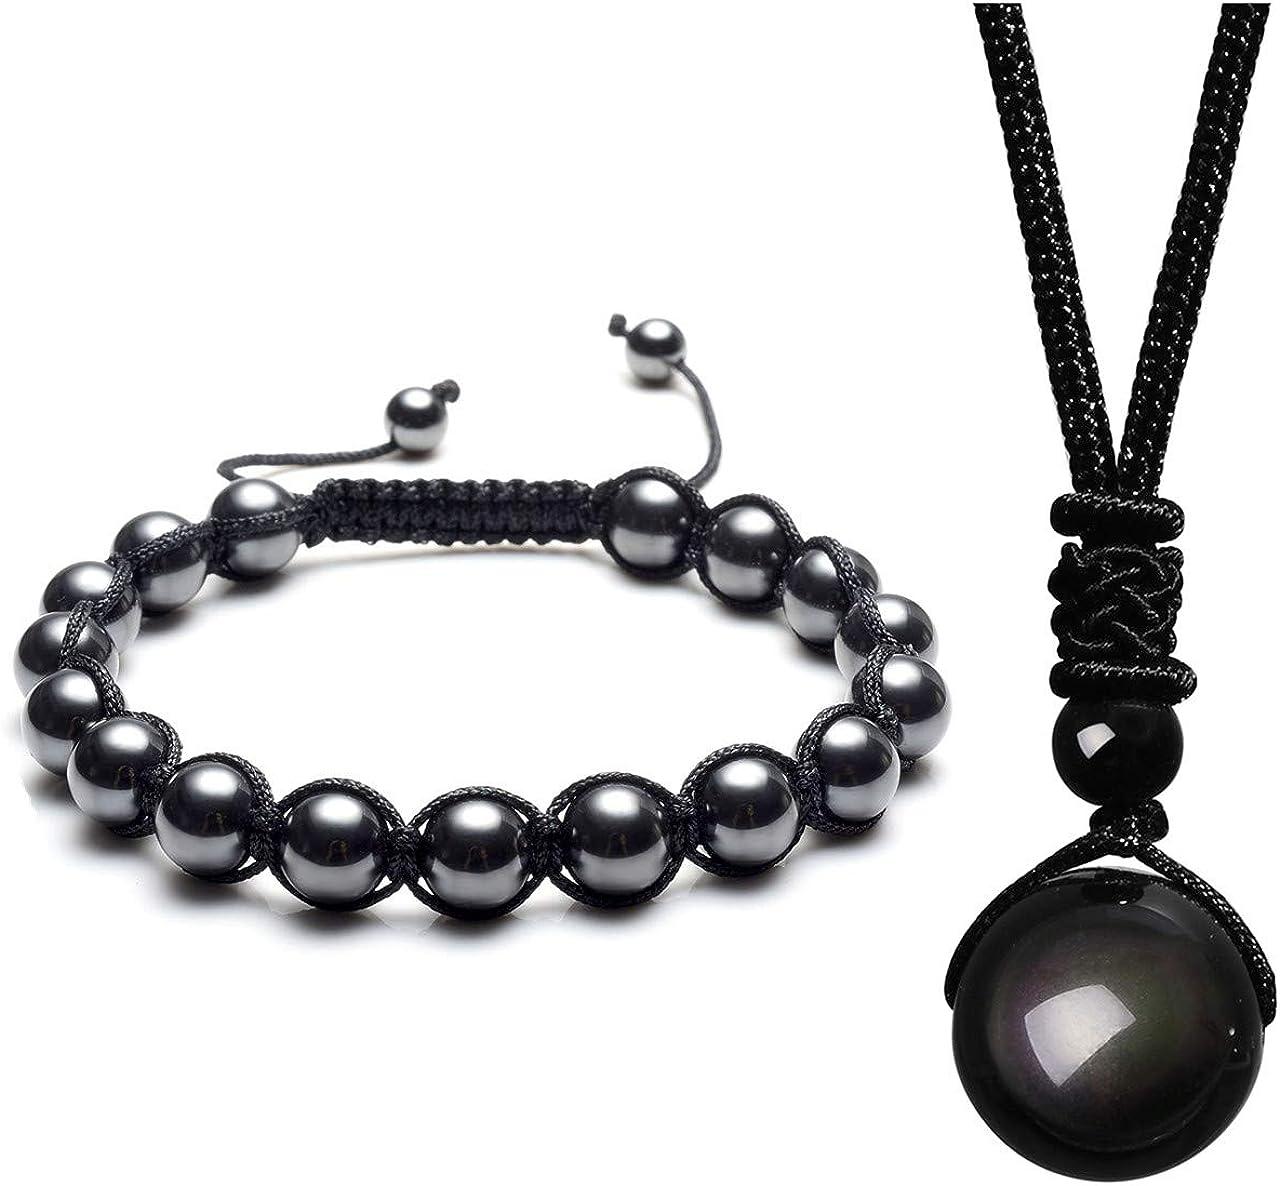 JSDDE Bijoux Ensemble de Collier et Bracelet en Perles d/'Obsidienne Noire Naturelle Bijoux de Cristal pour Femme